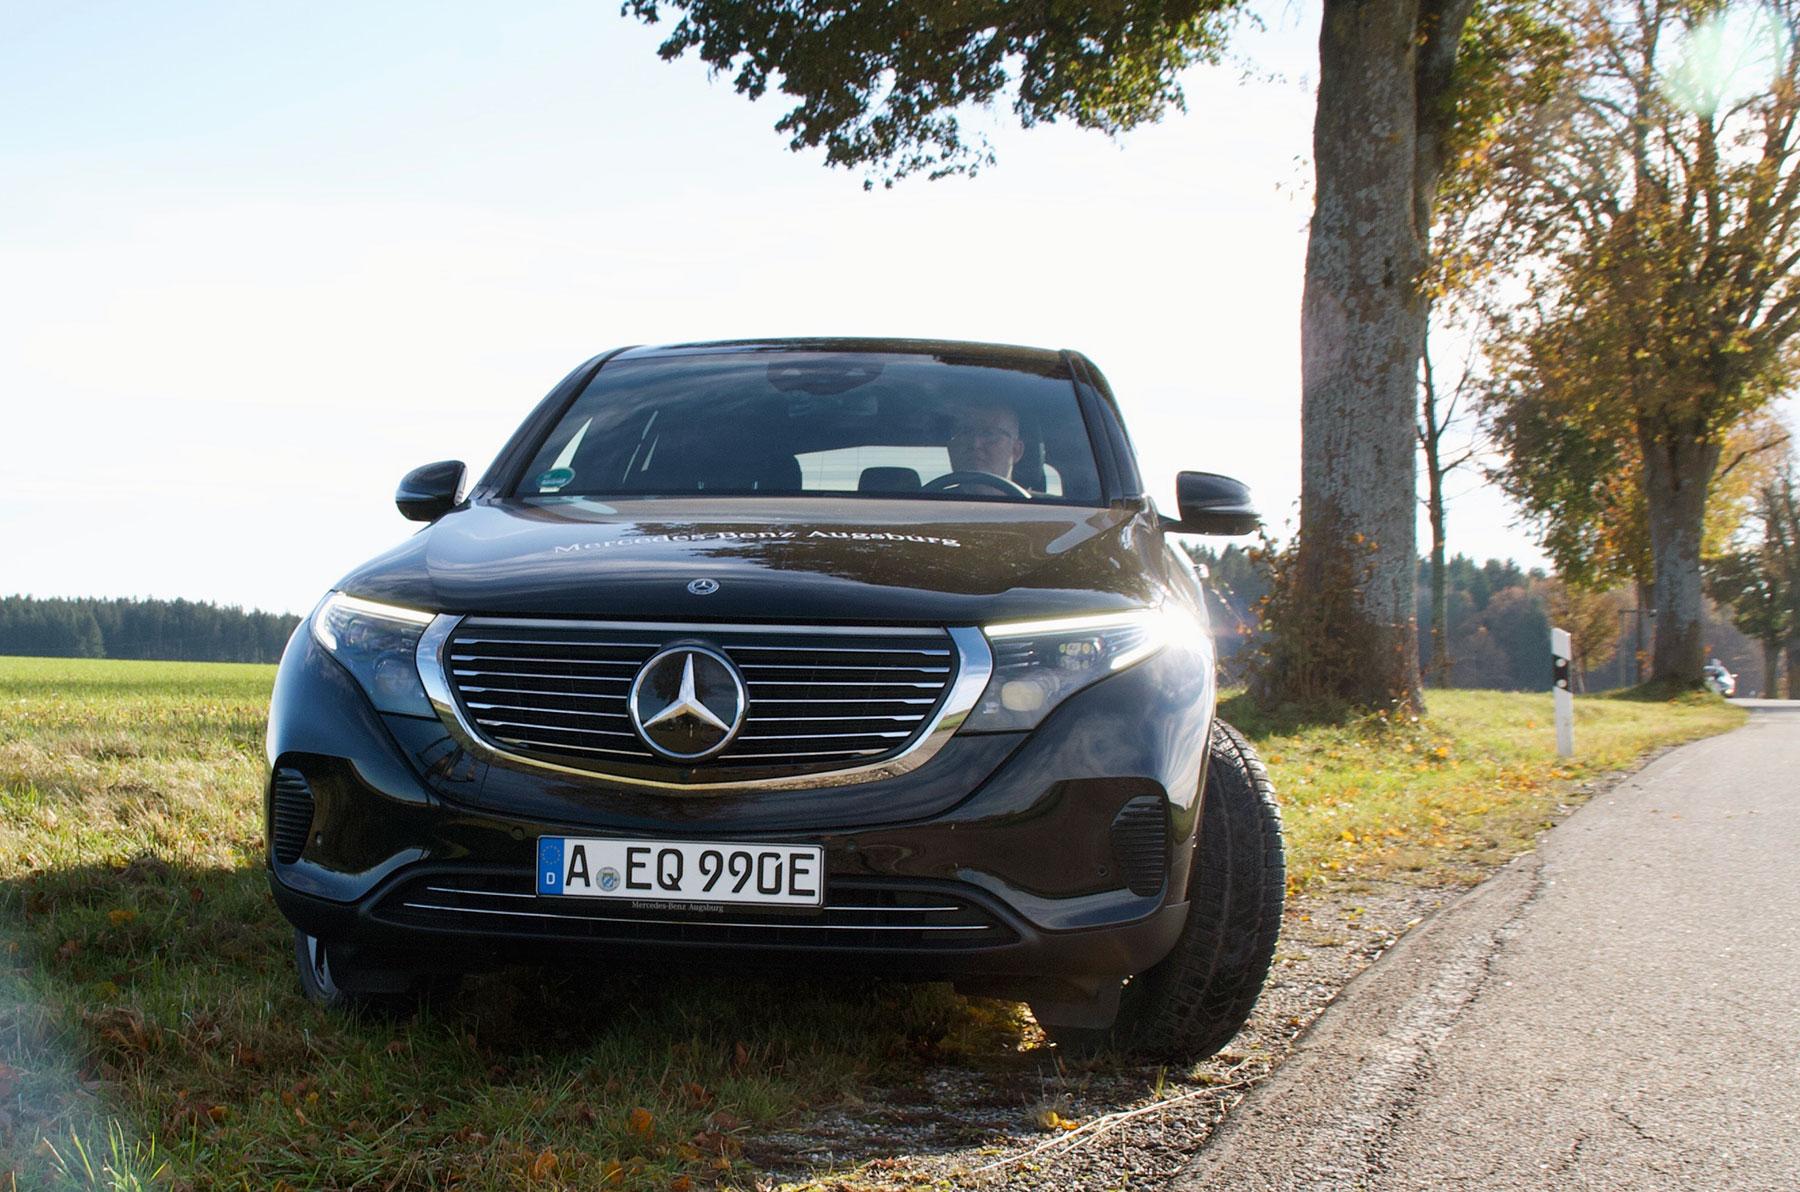 Freitag-News: Kia e-Niro Langstrecke, weitere Produktionshölle beim Mercedes EQC, Stromer-Nachfrage, Berlin und die Mobilität, Car2Go vs DriveNow